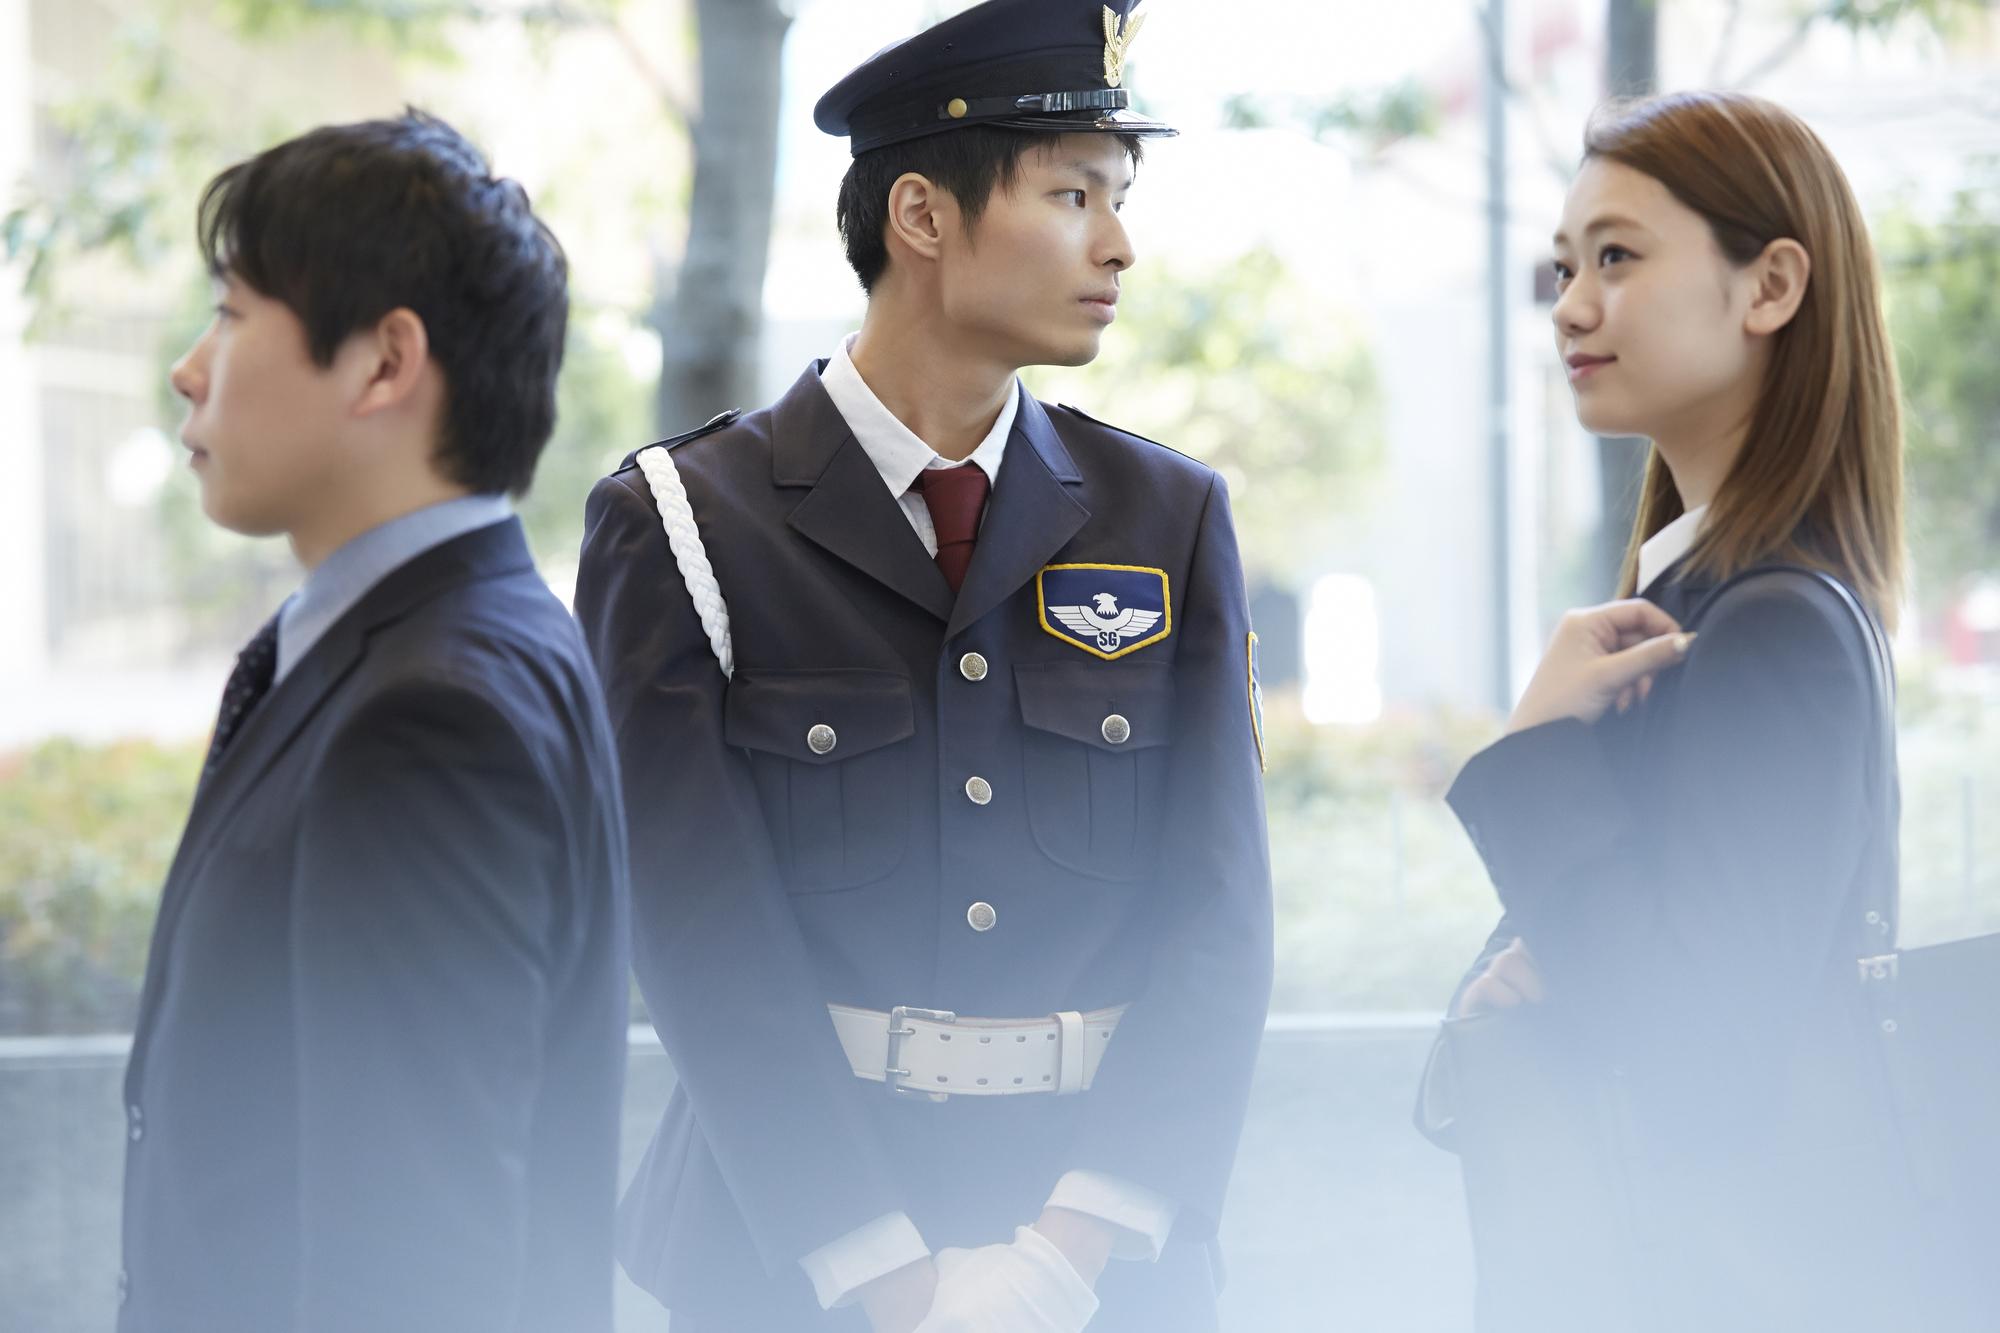 【千葉】警備会社3選!警備員・バイトで働きたい方におすすめ!